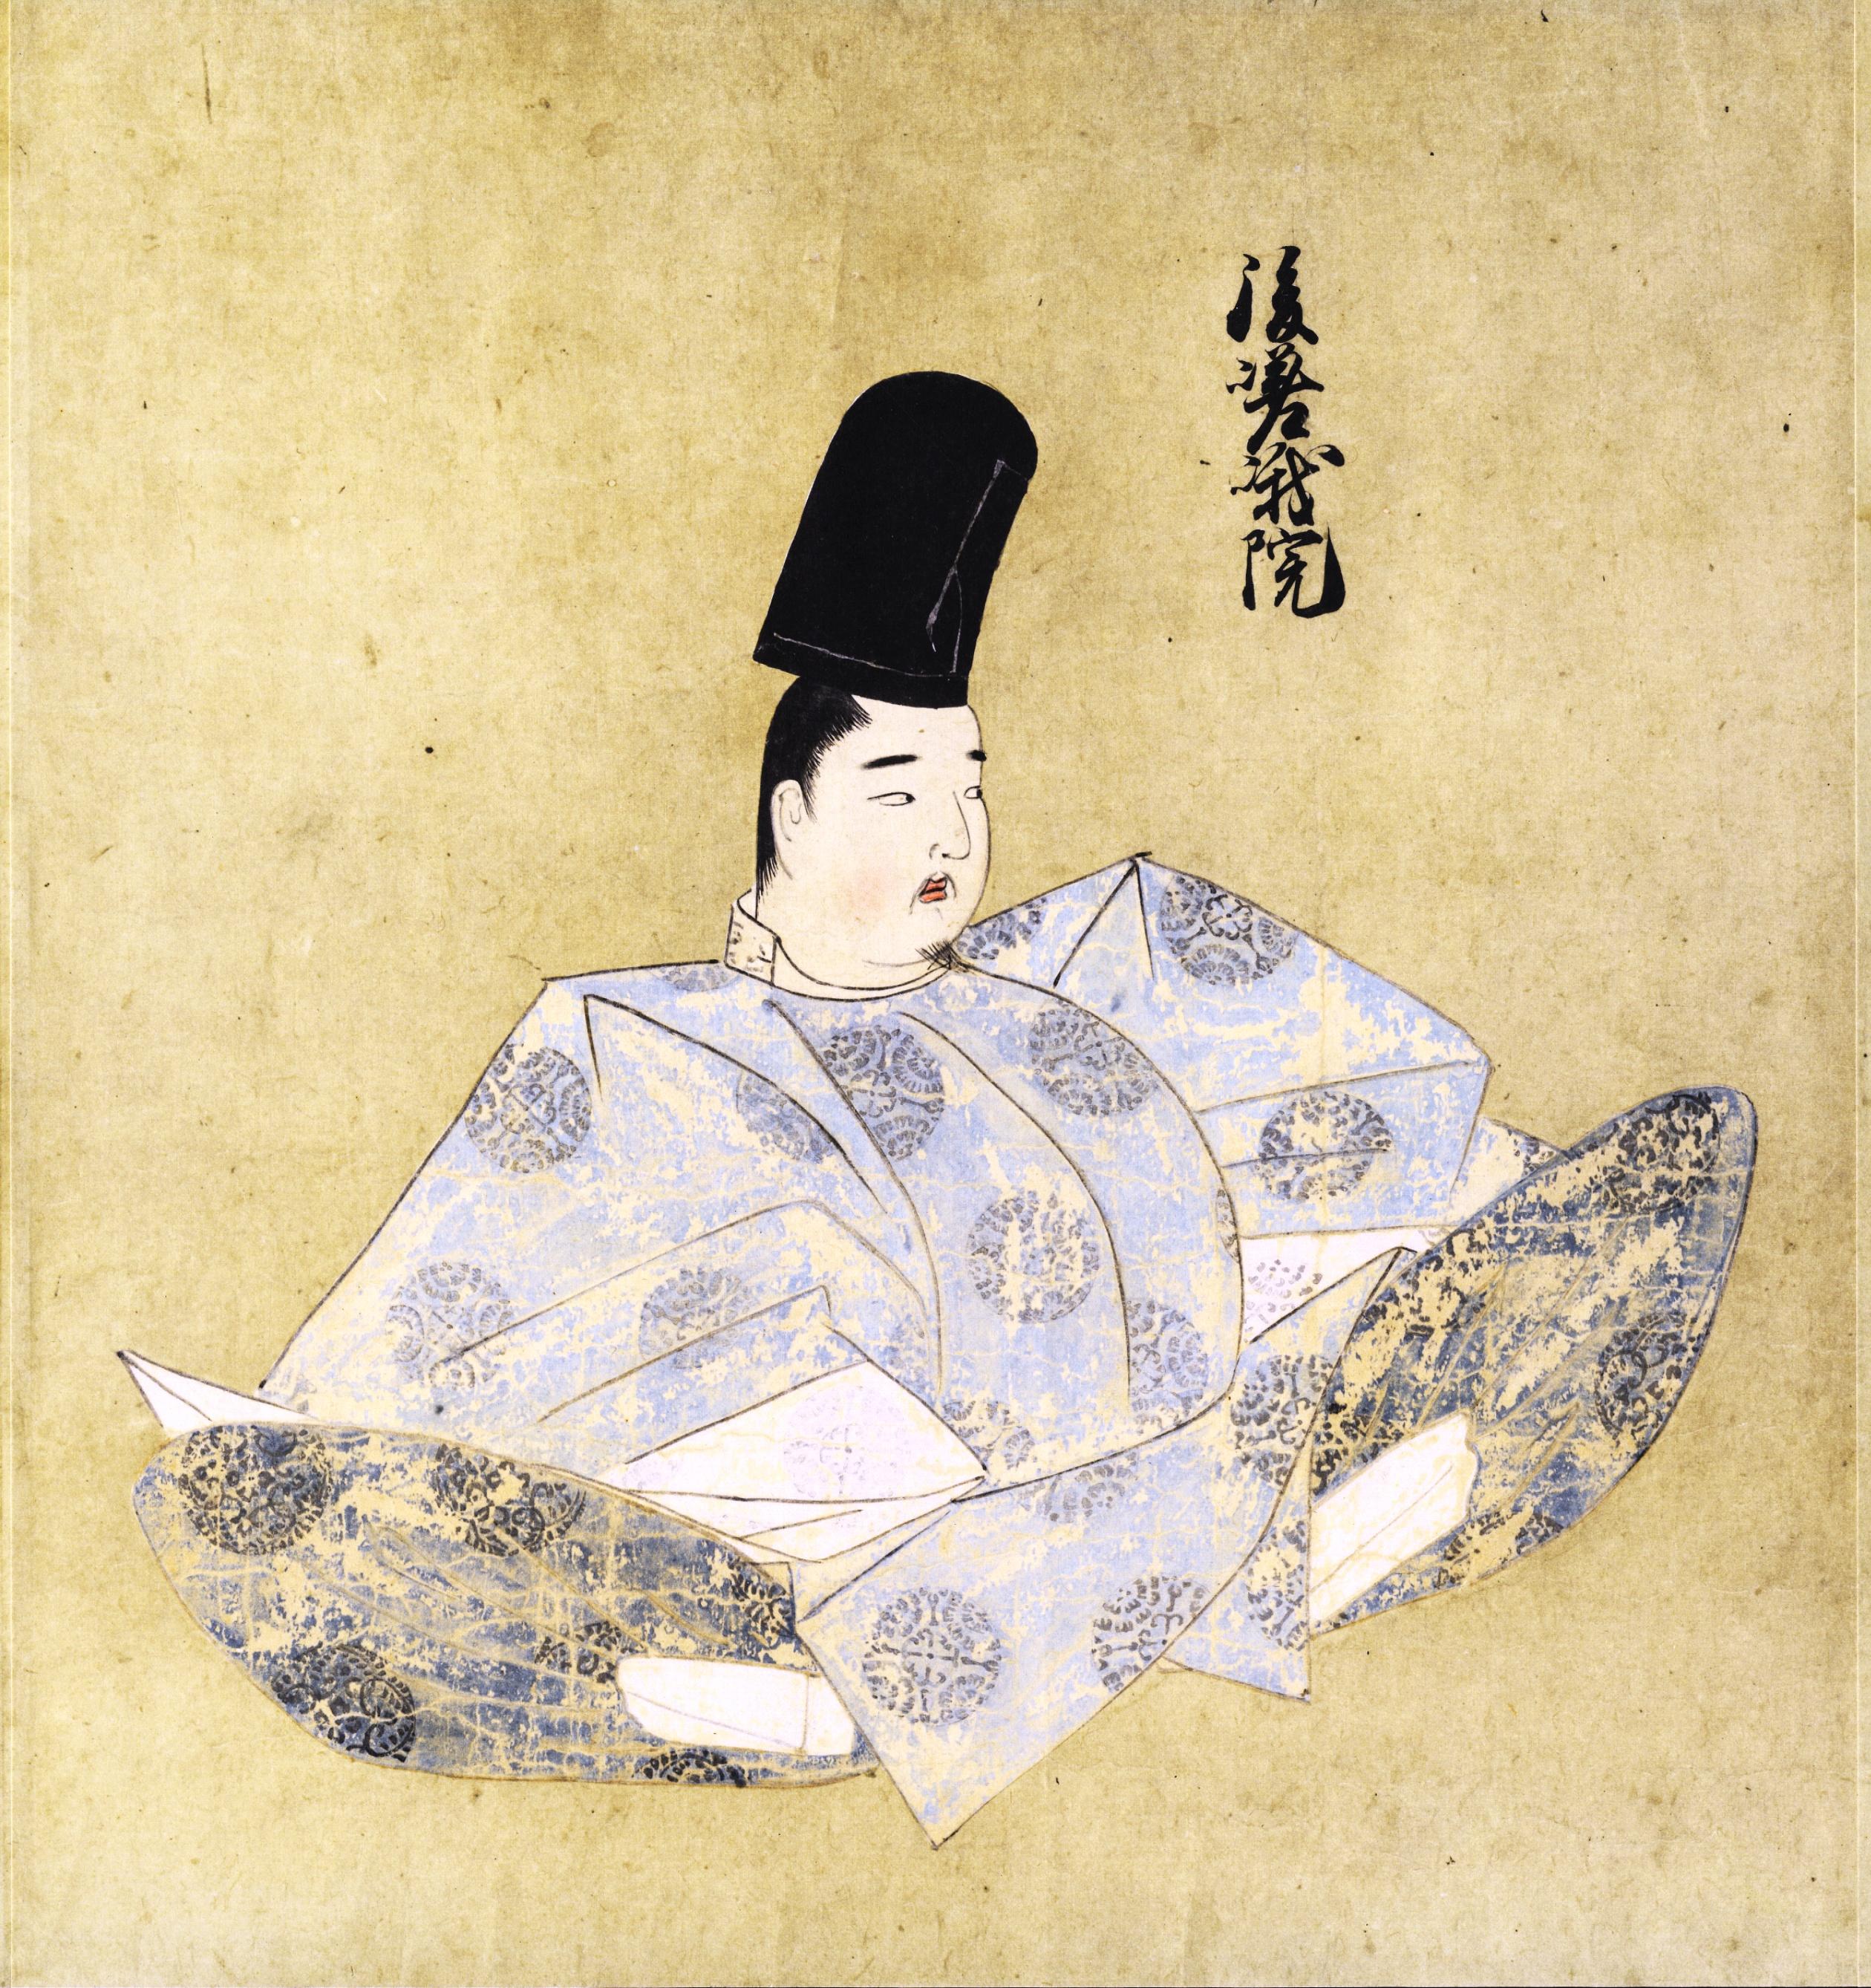 後嵯峨天皇 - Wikipedia